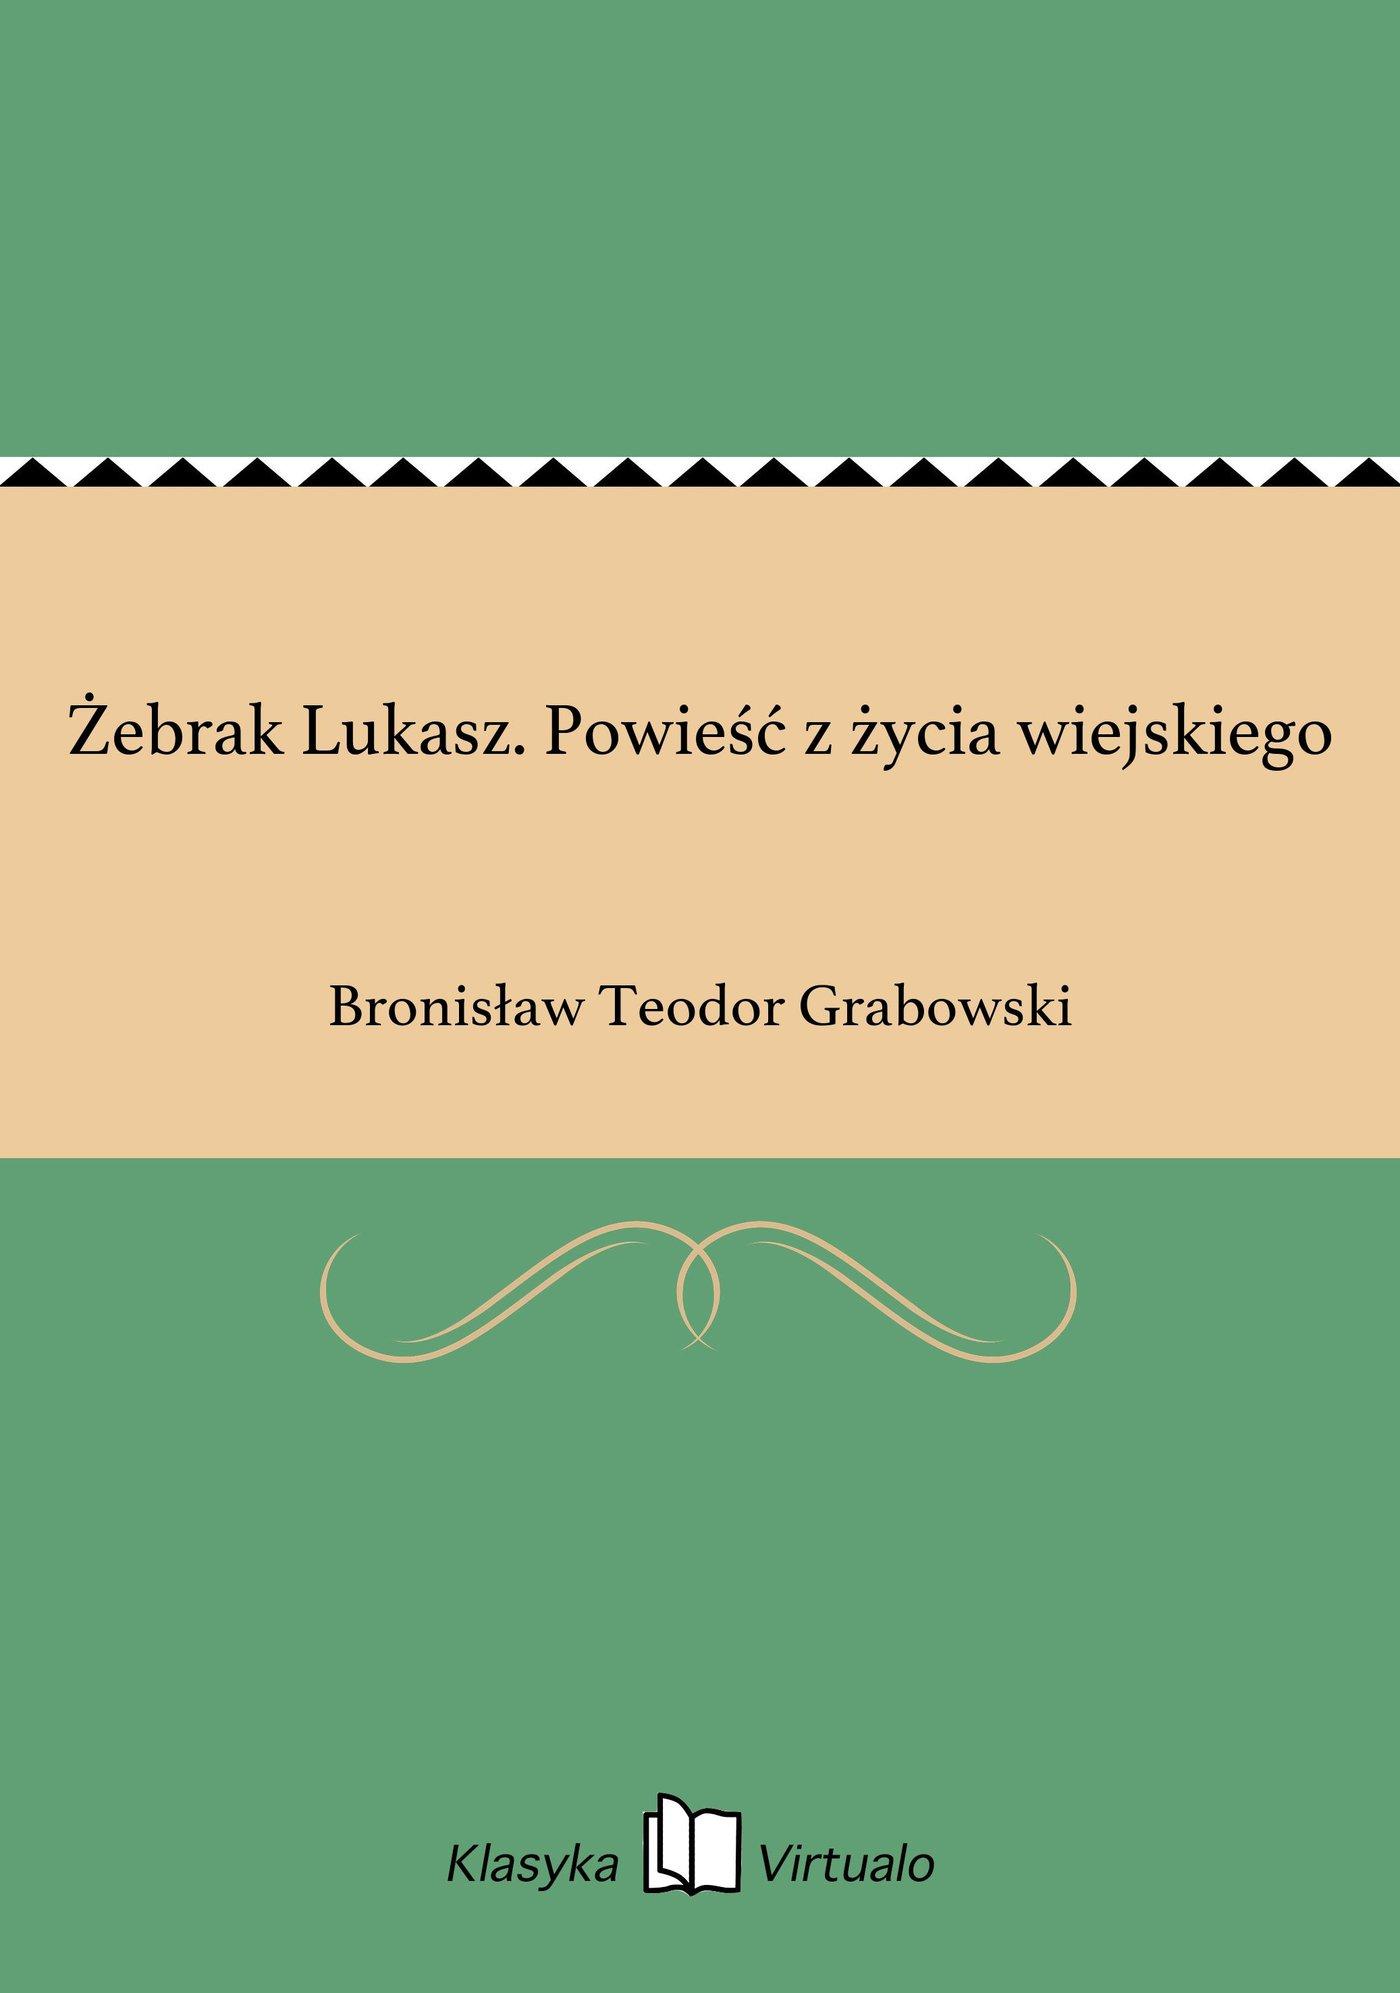 Żebrak Lukasz. Powieść z życia wiejskiego - Ebook (Książka EPUB) do pobrania w formacie EPUB